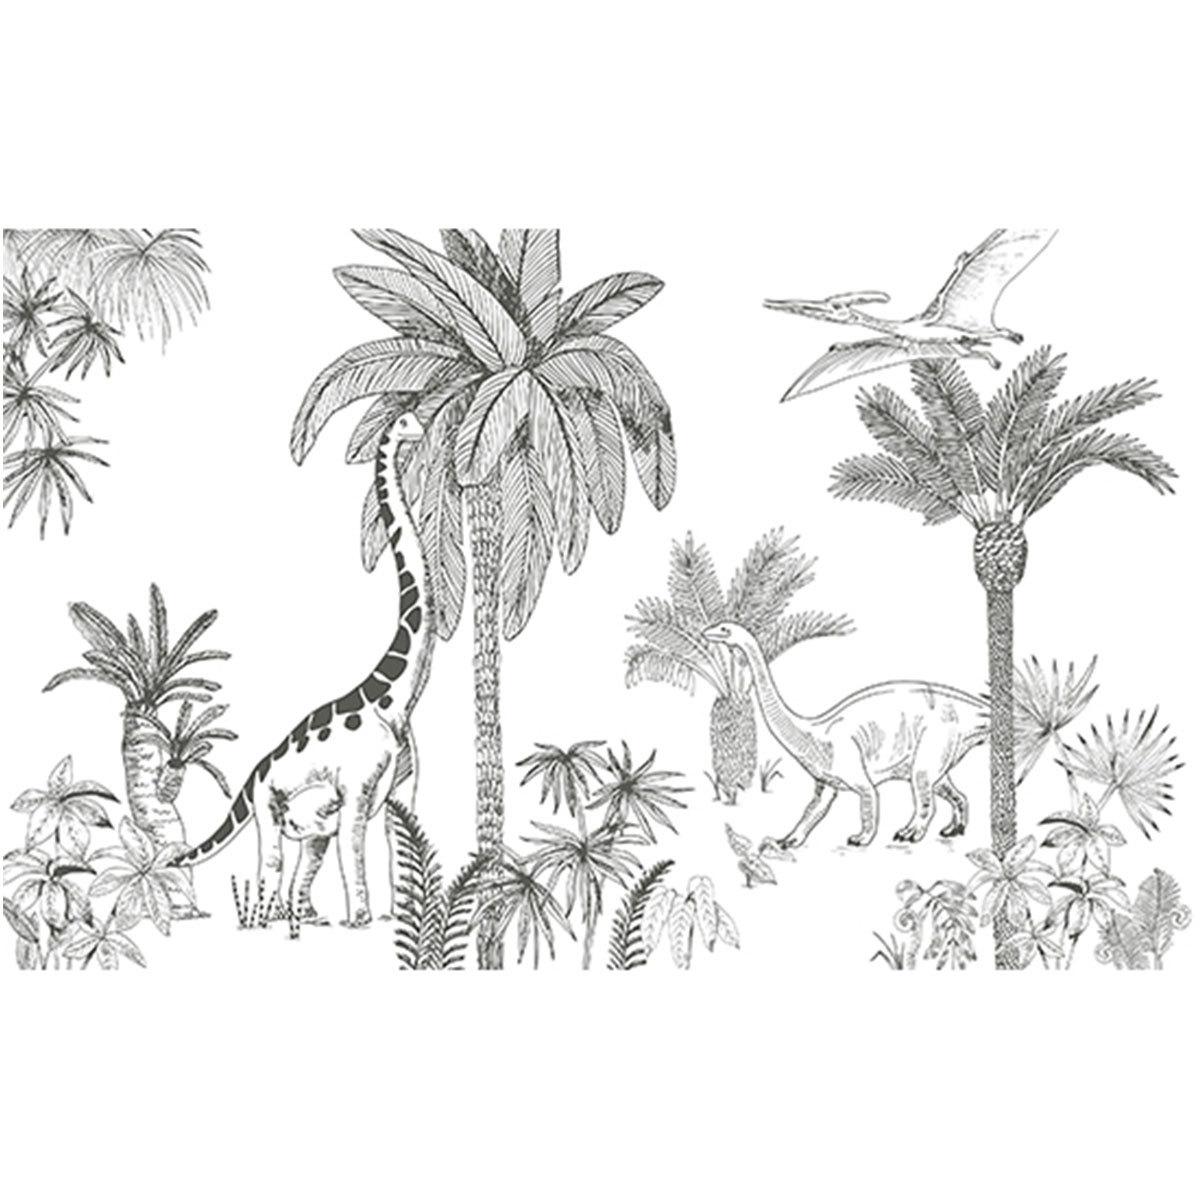 Papier peint Papier Peint - Frise Dinosaure Papier Peint - Frise Dinosaure